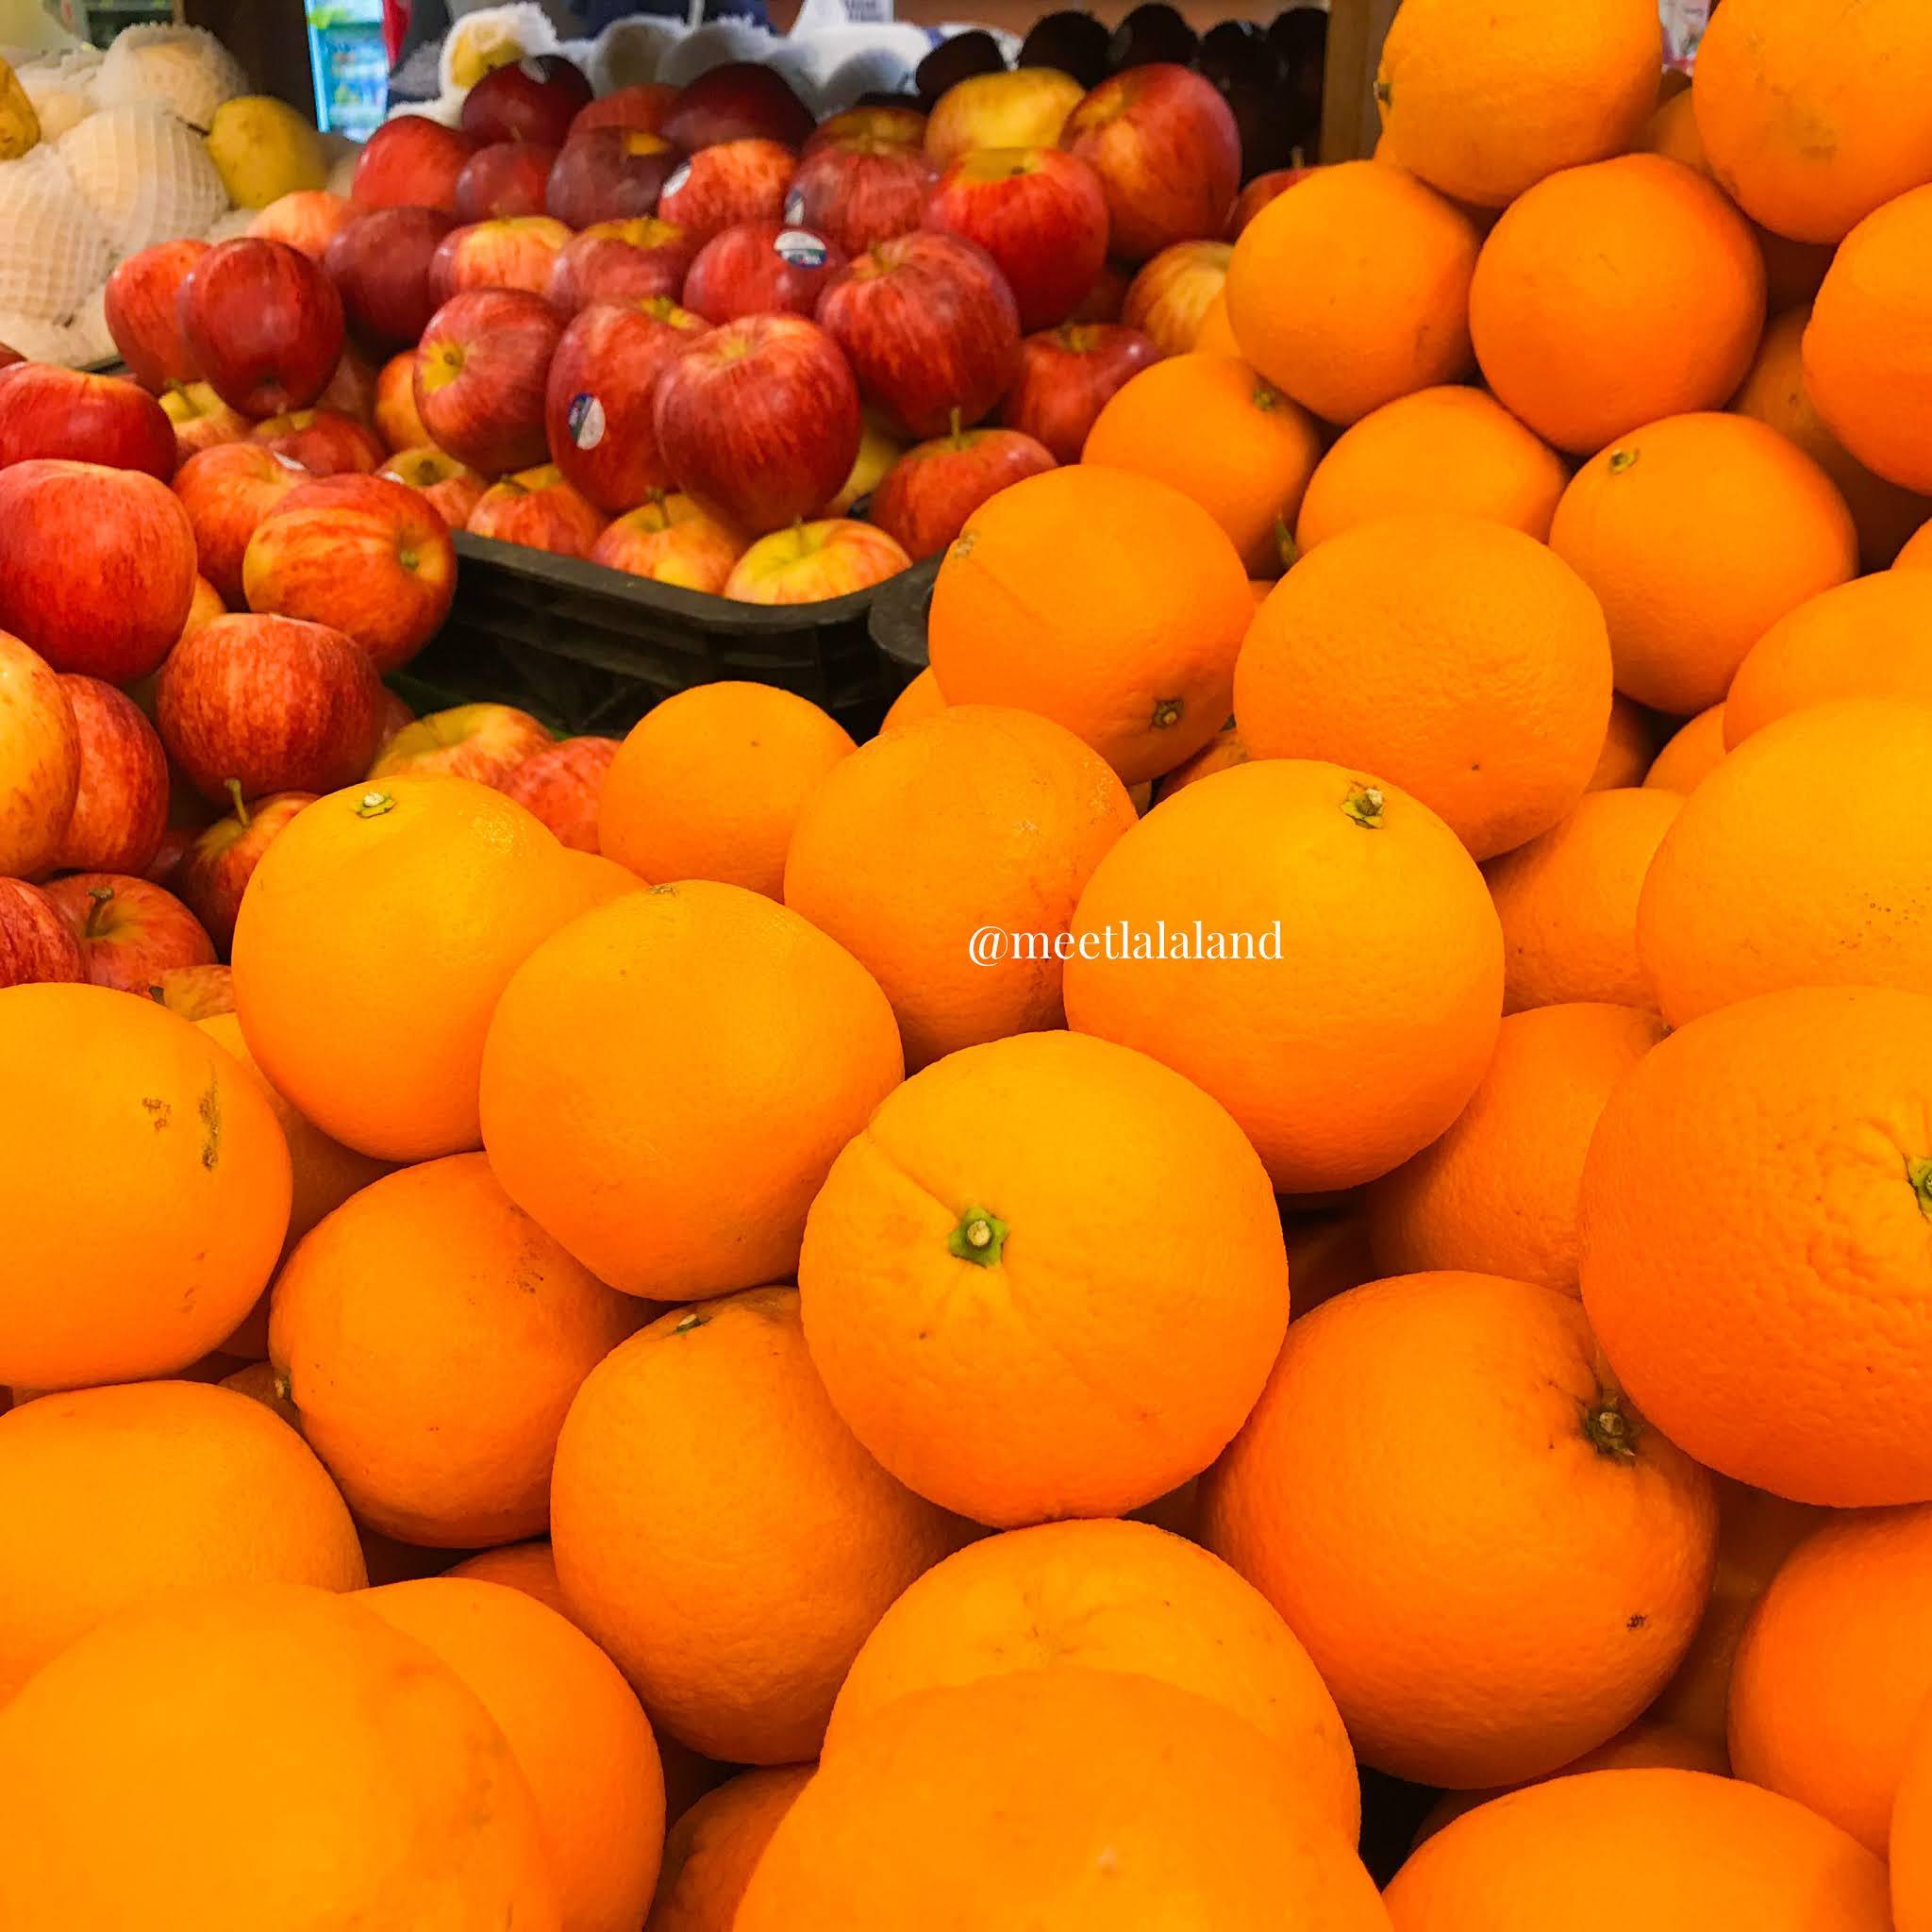 www.meetlalaland.com - pedas bukan rasa, dan hubungan indera pengecap dengan indera penciuman